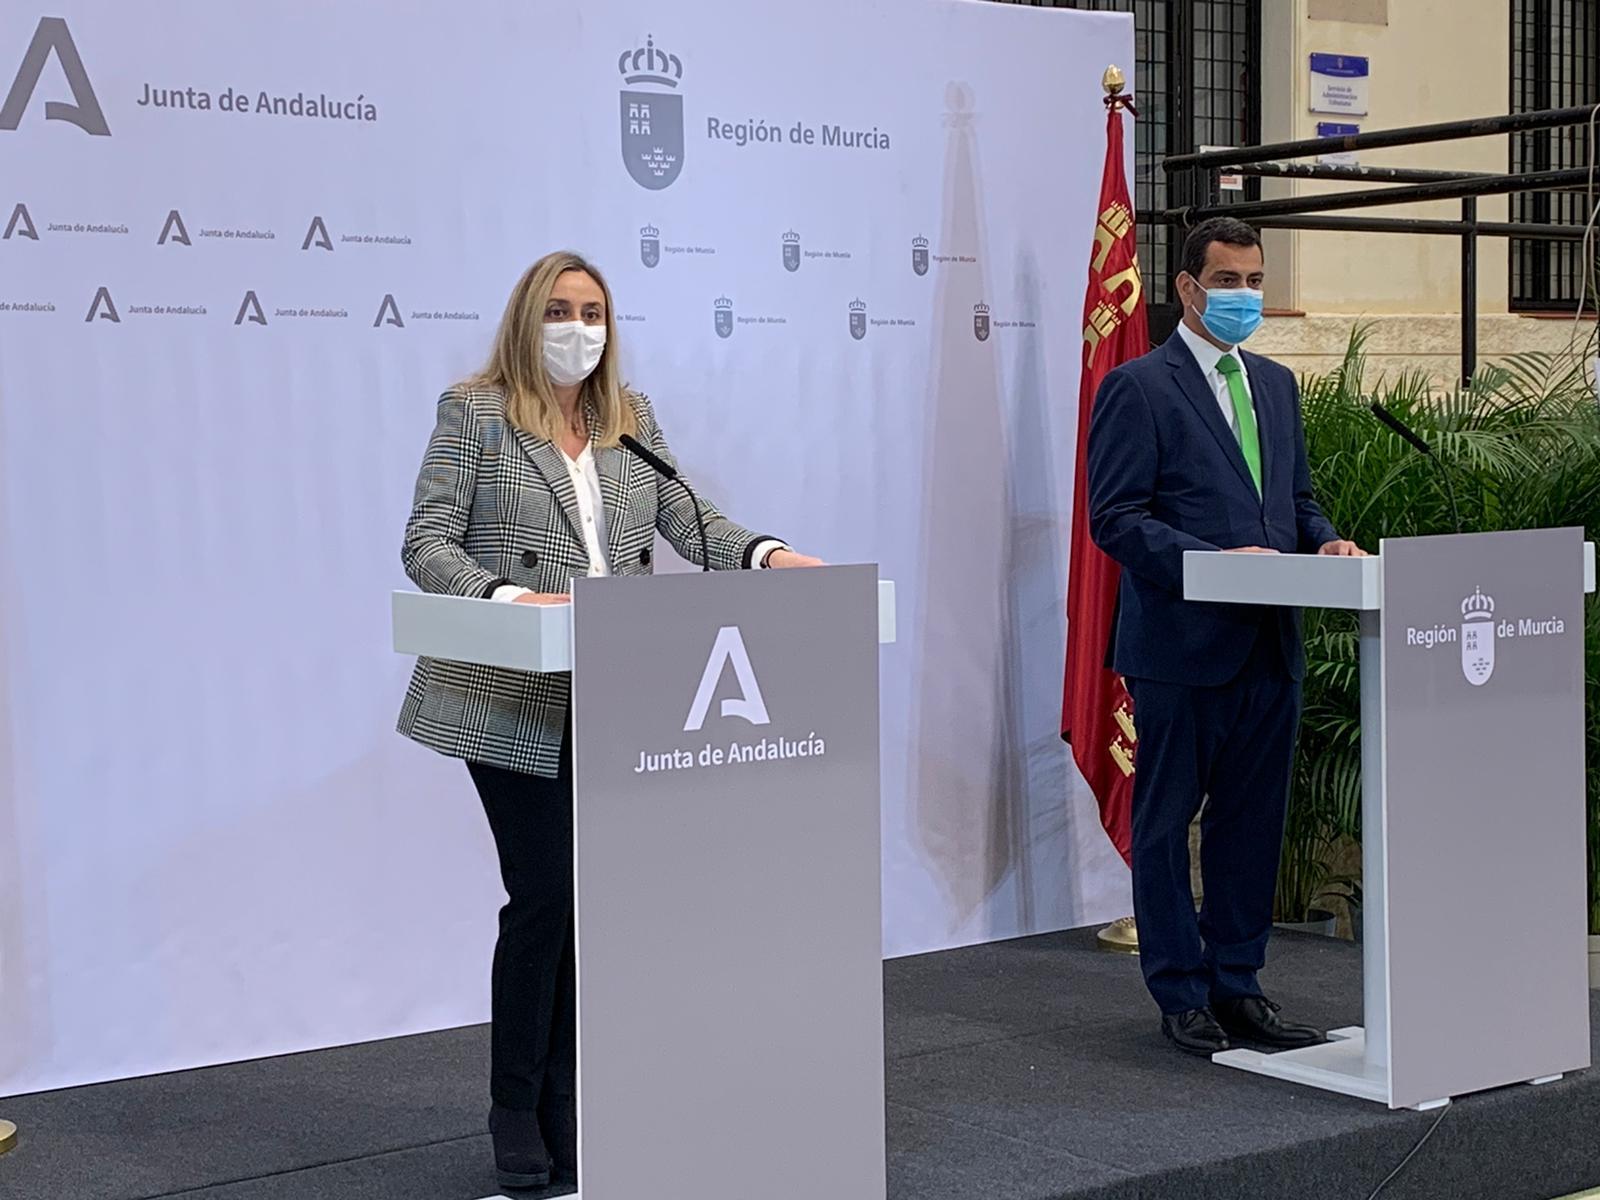 Andalucía-Murcia1